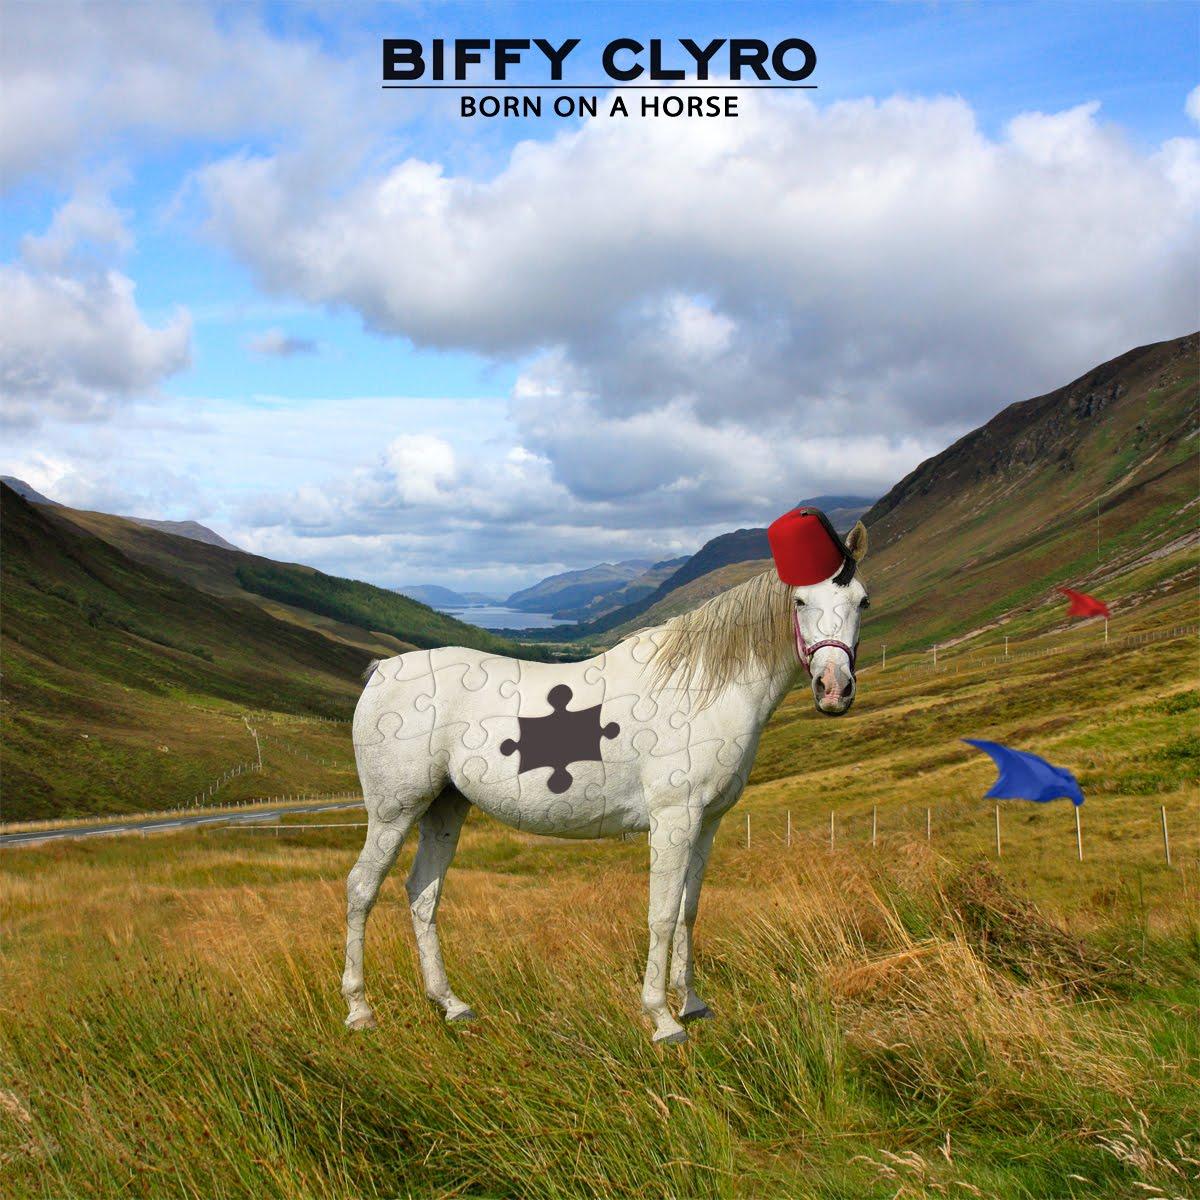 Biffy clyro singles Biffy Clyro Singles Spotify Playlist